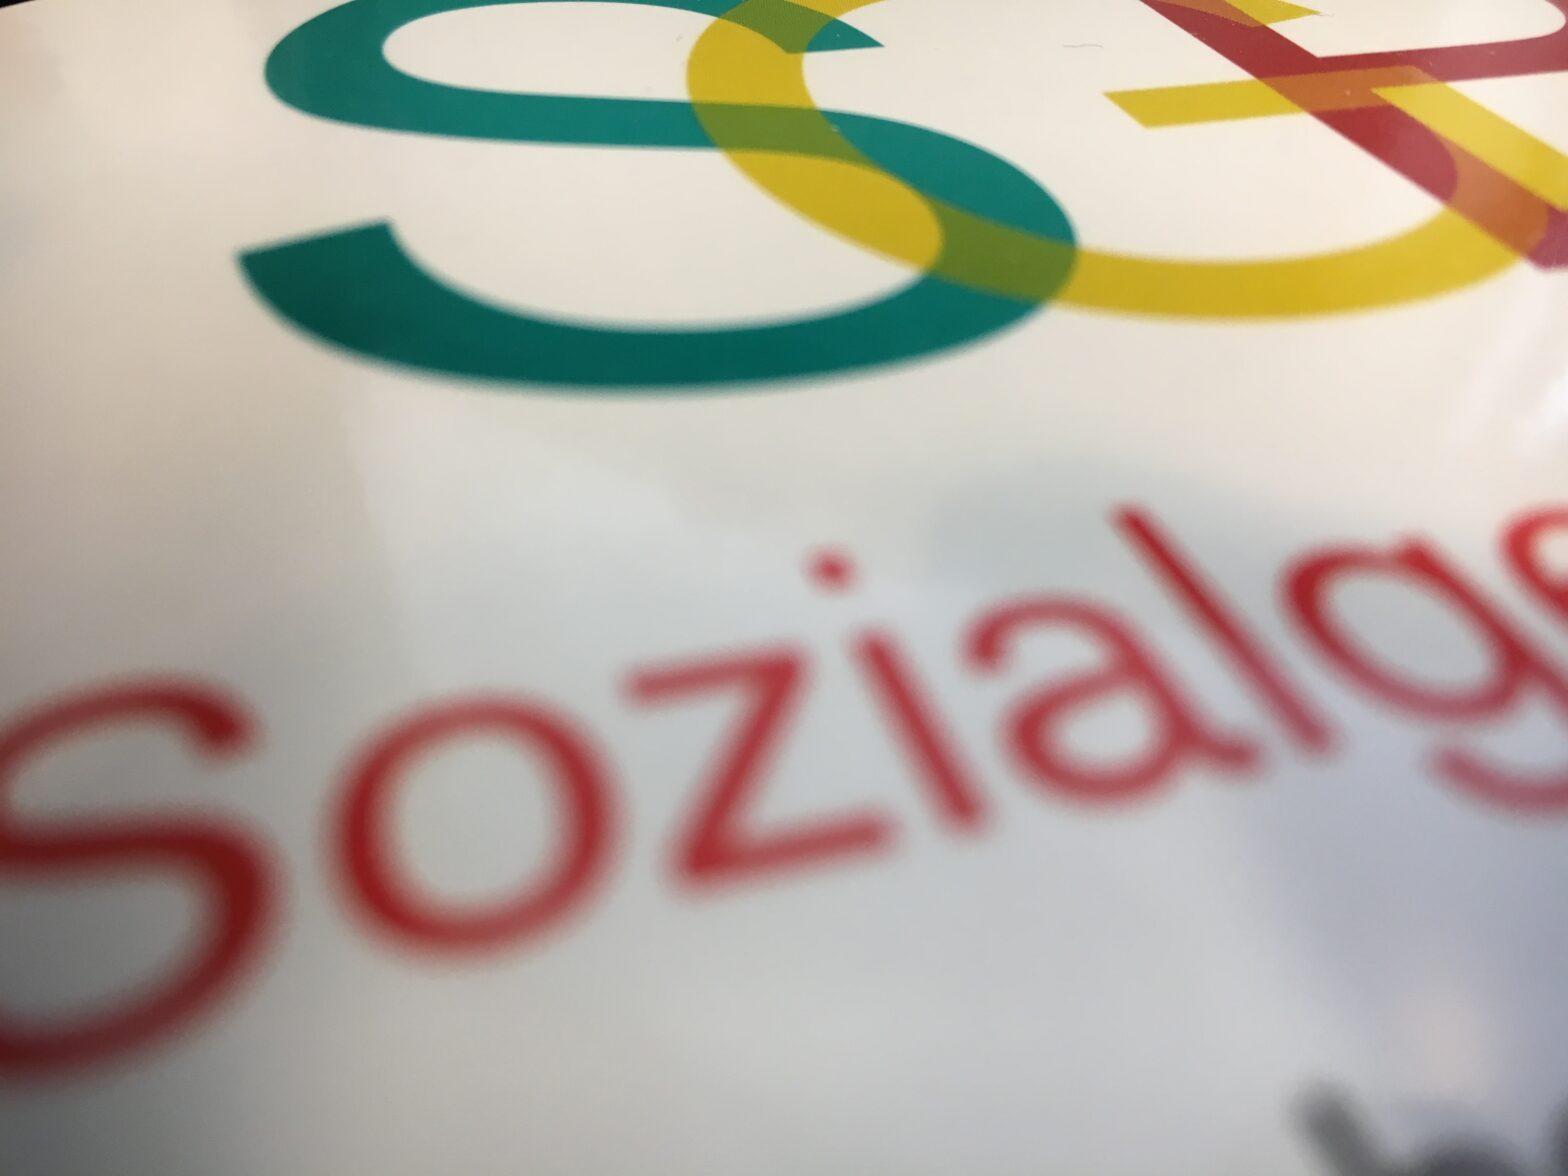 Bild zu Rechengrößen der Sozialversicherung für 2021 stehen fest